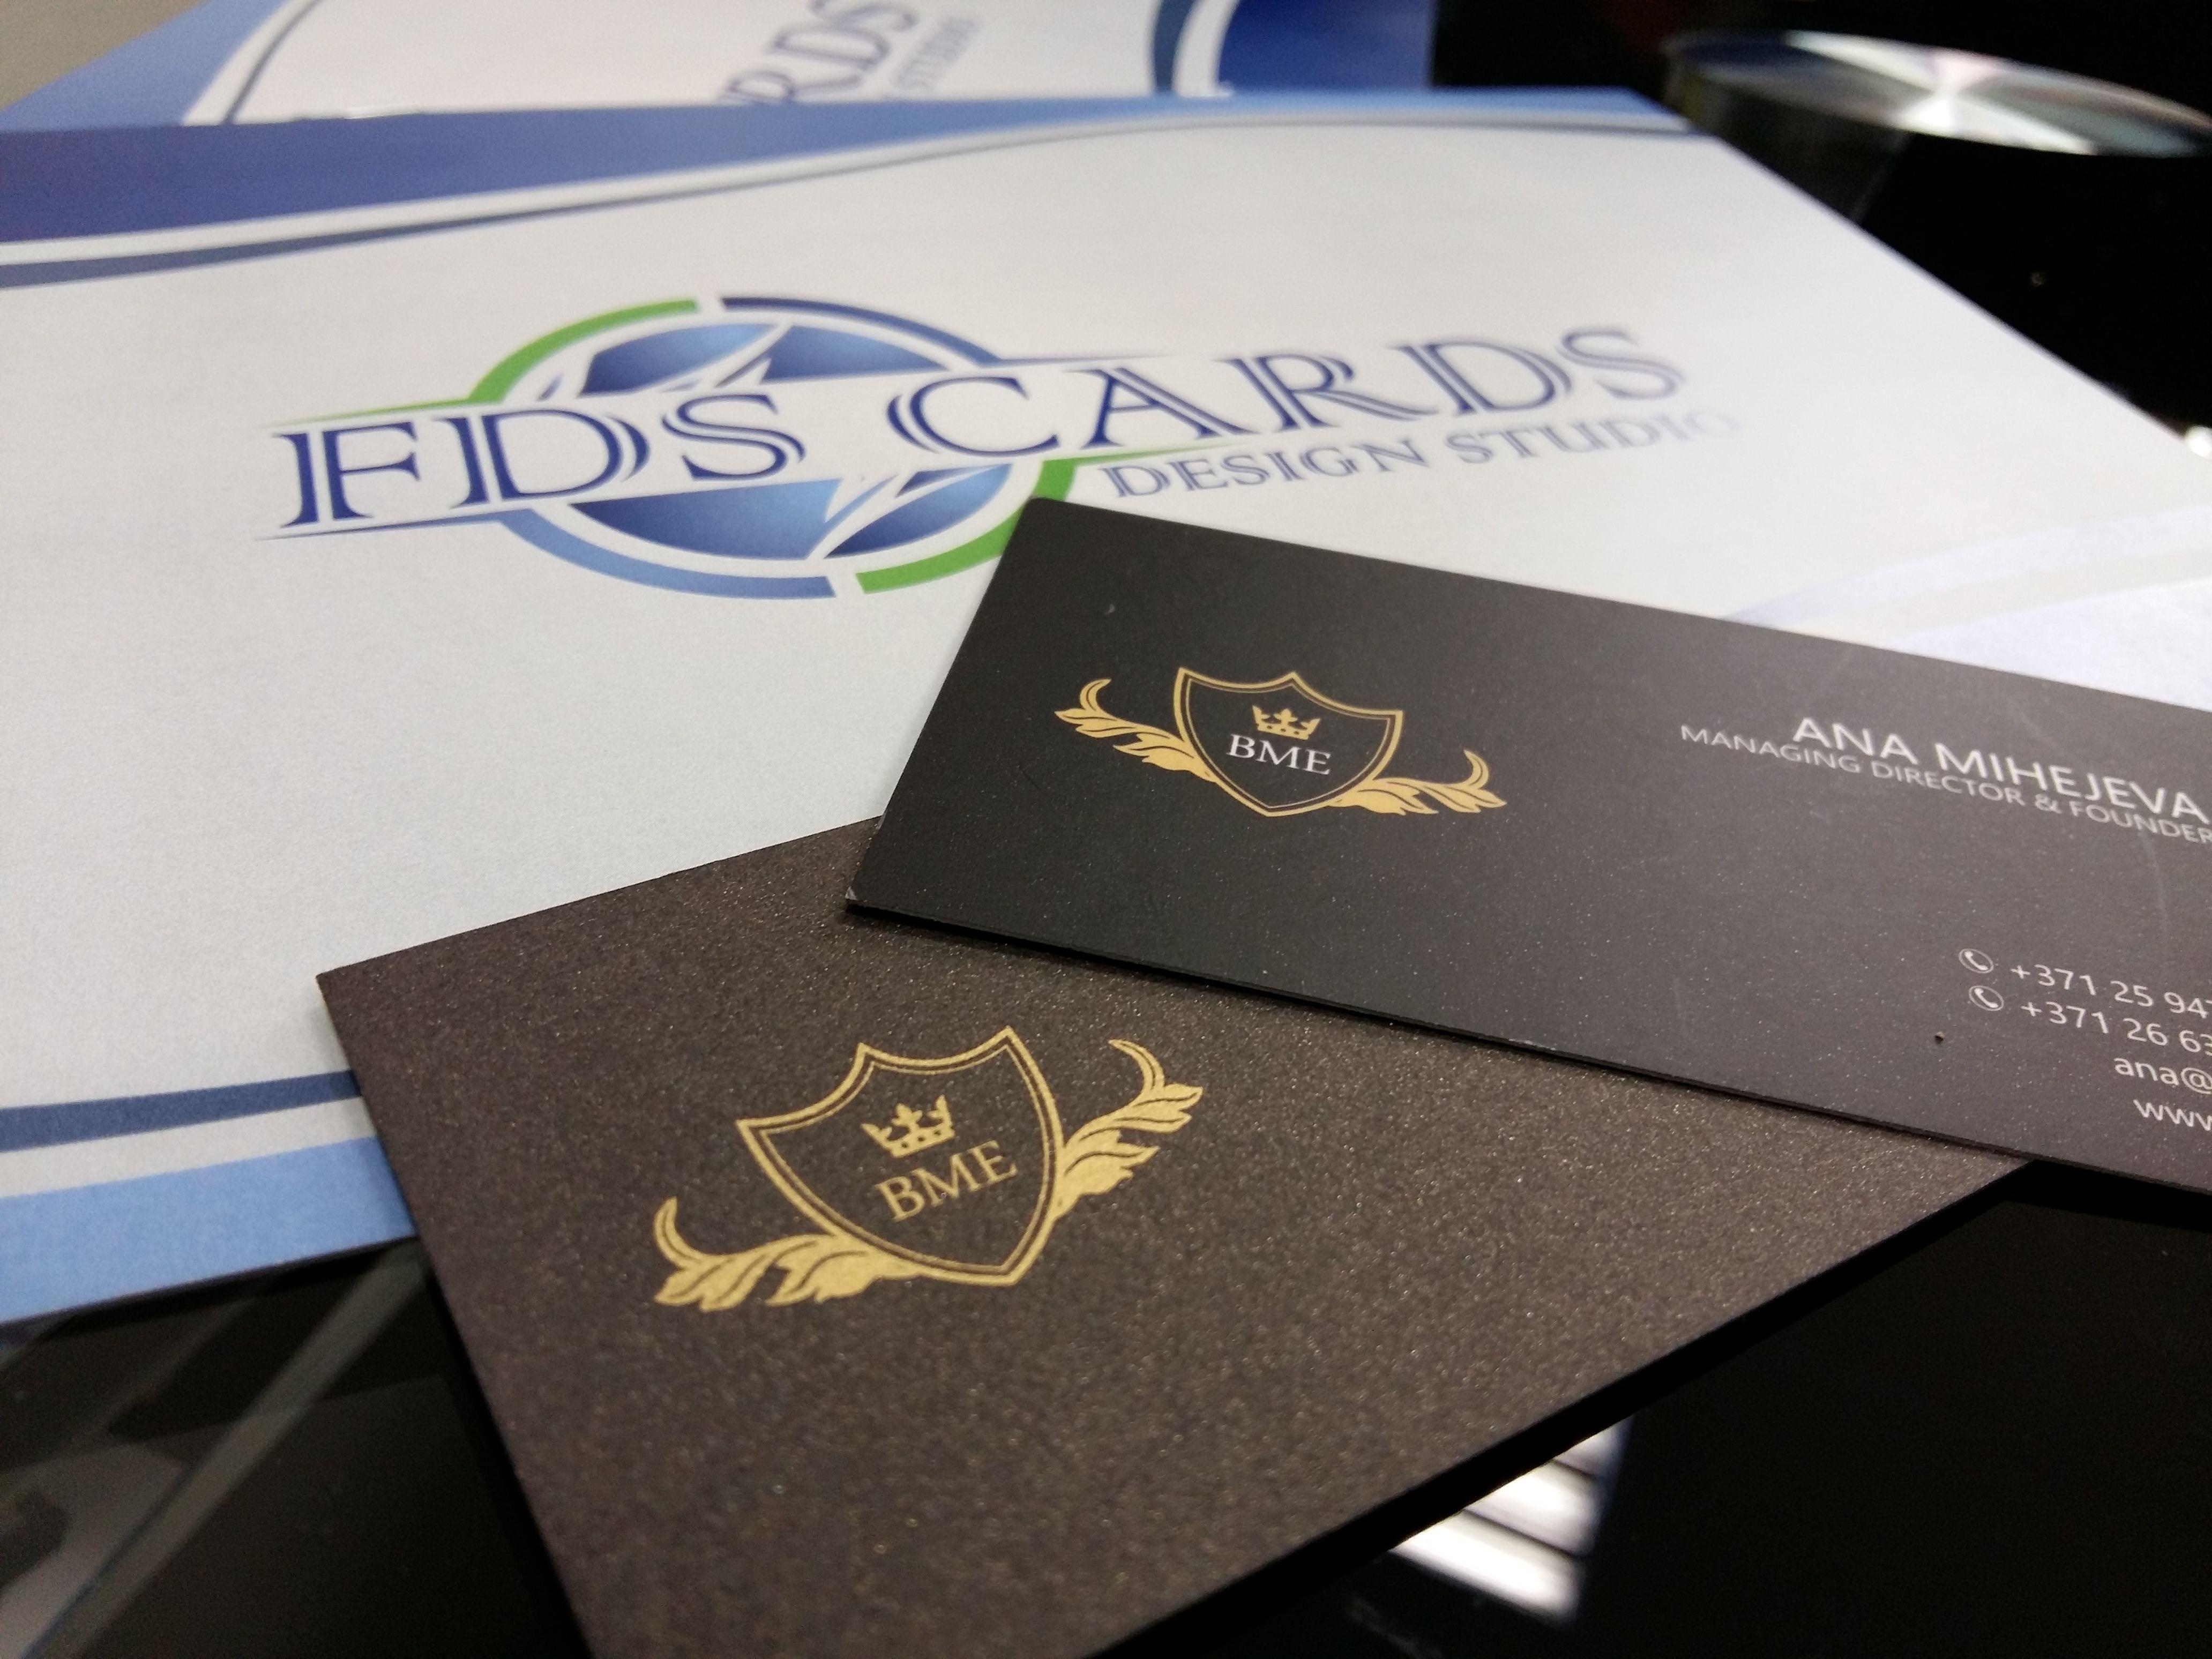 Marketing company black and gold luxury business card blazon marketing company black and gold luxury business card blazon shiny paper silver and colourmoves